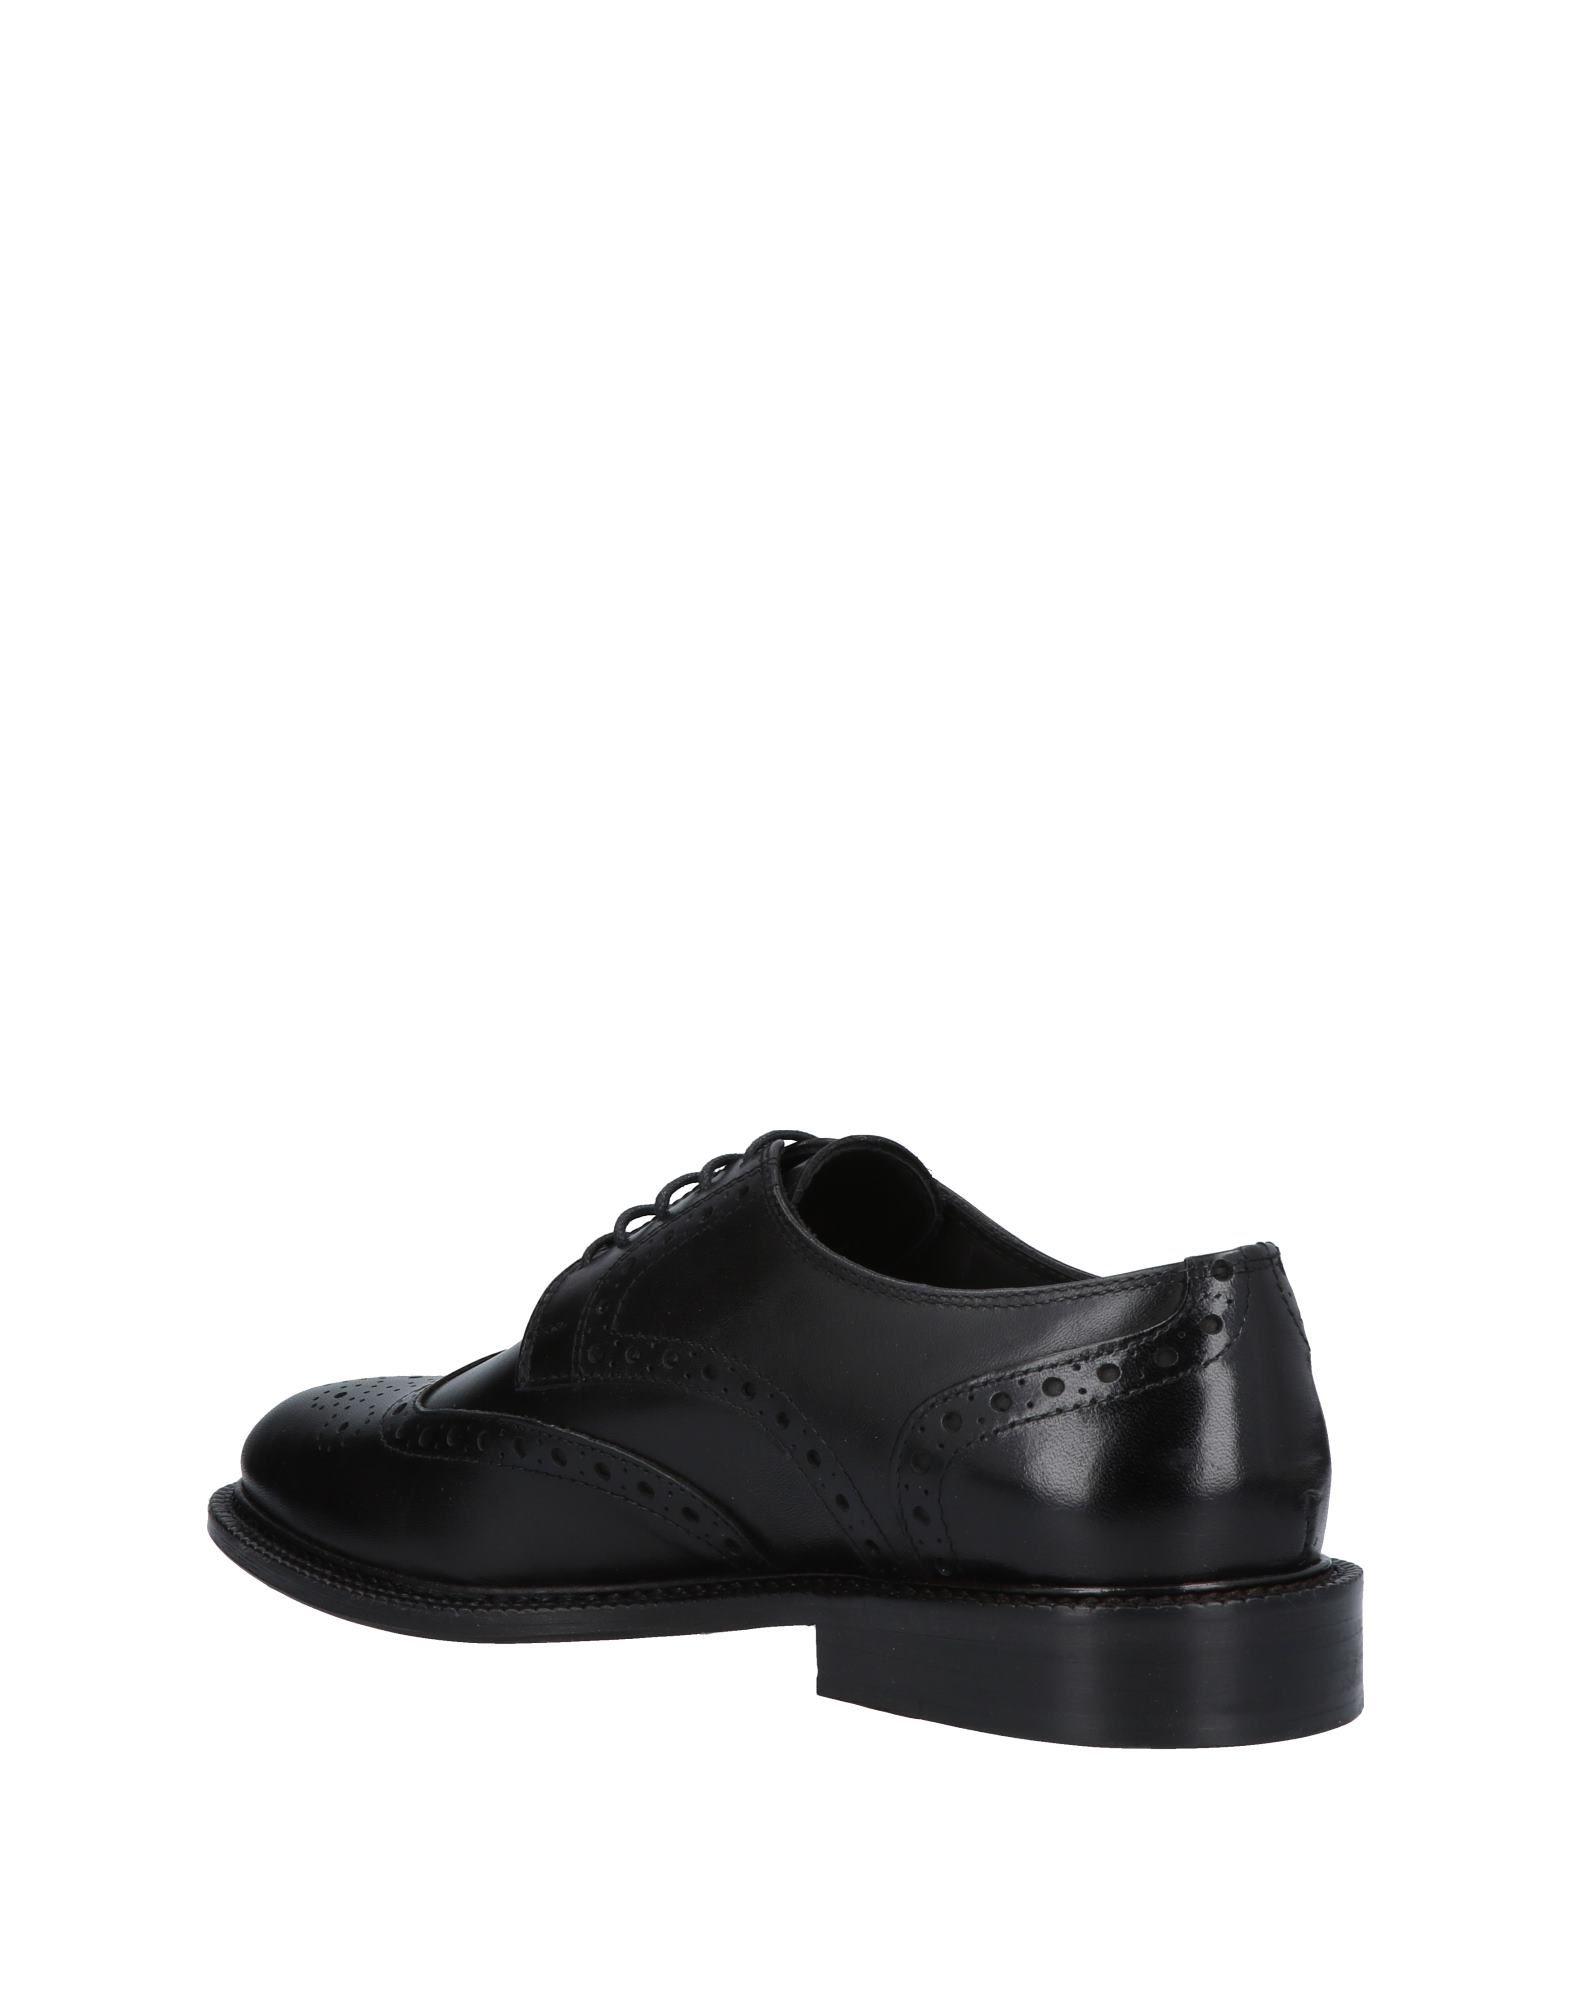 Henry Smith Schnürschuhe Herren  11422121PJ Neue Schuhe